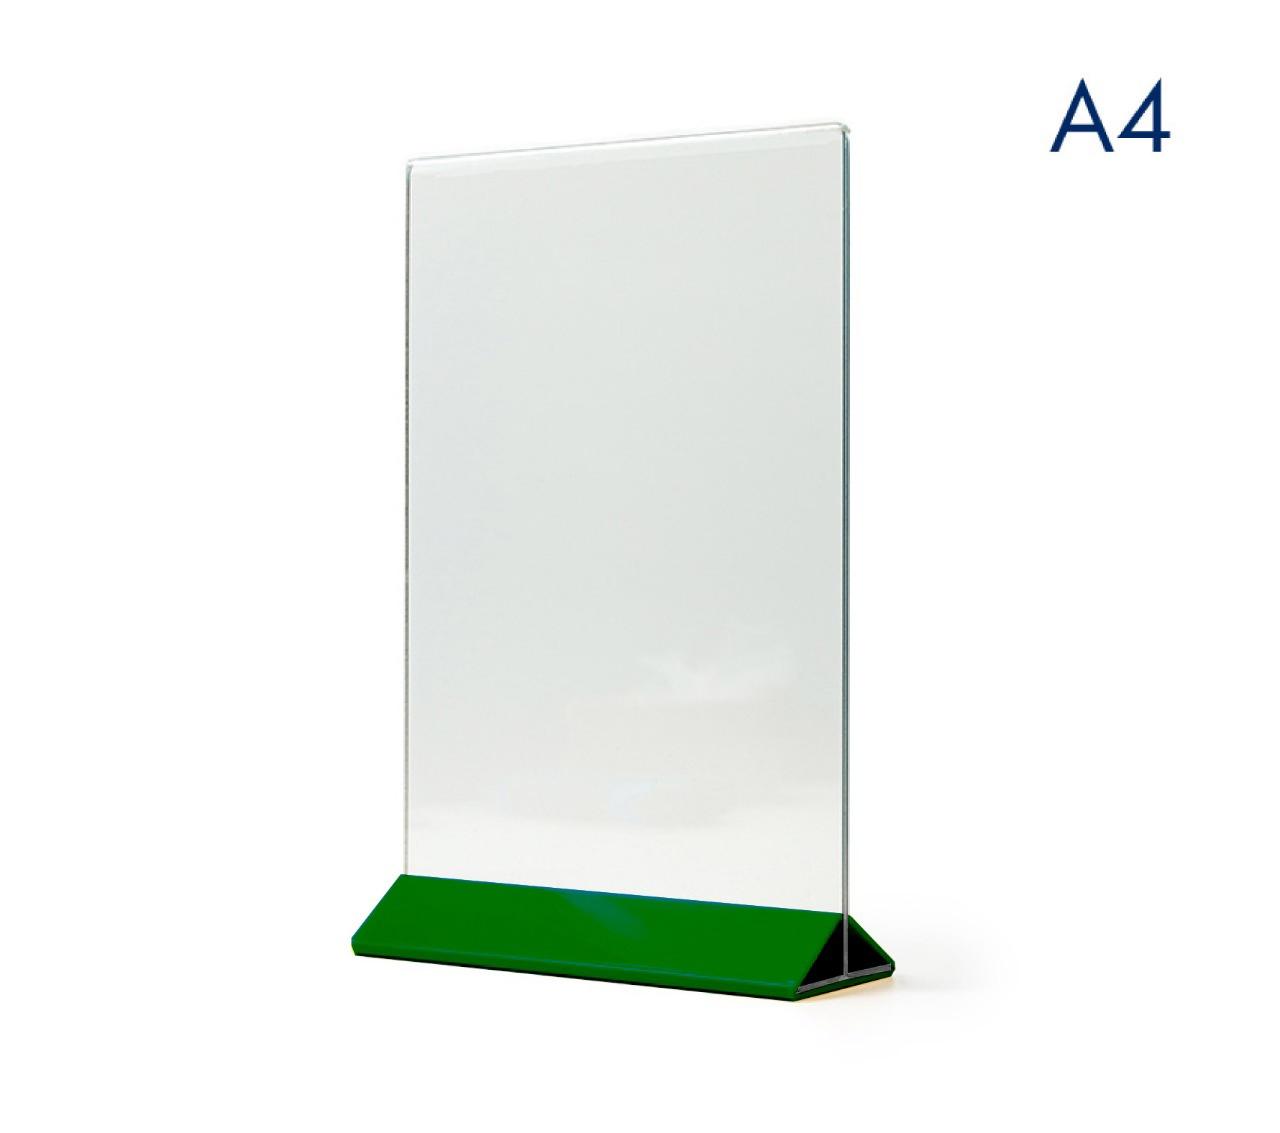 Менюхолдер (тейбл тент) А4 вертикальный цветное основание